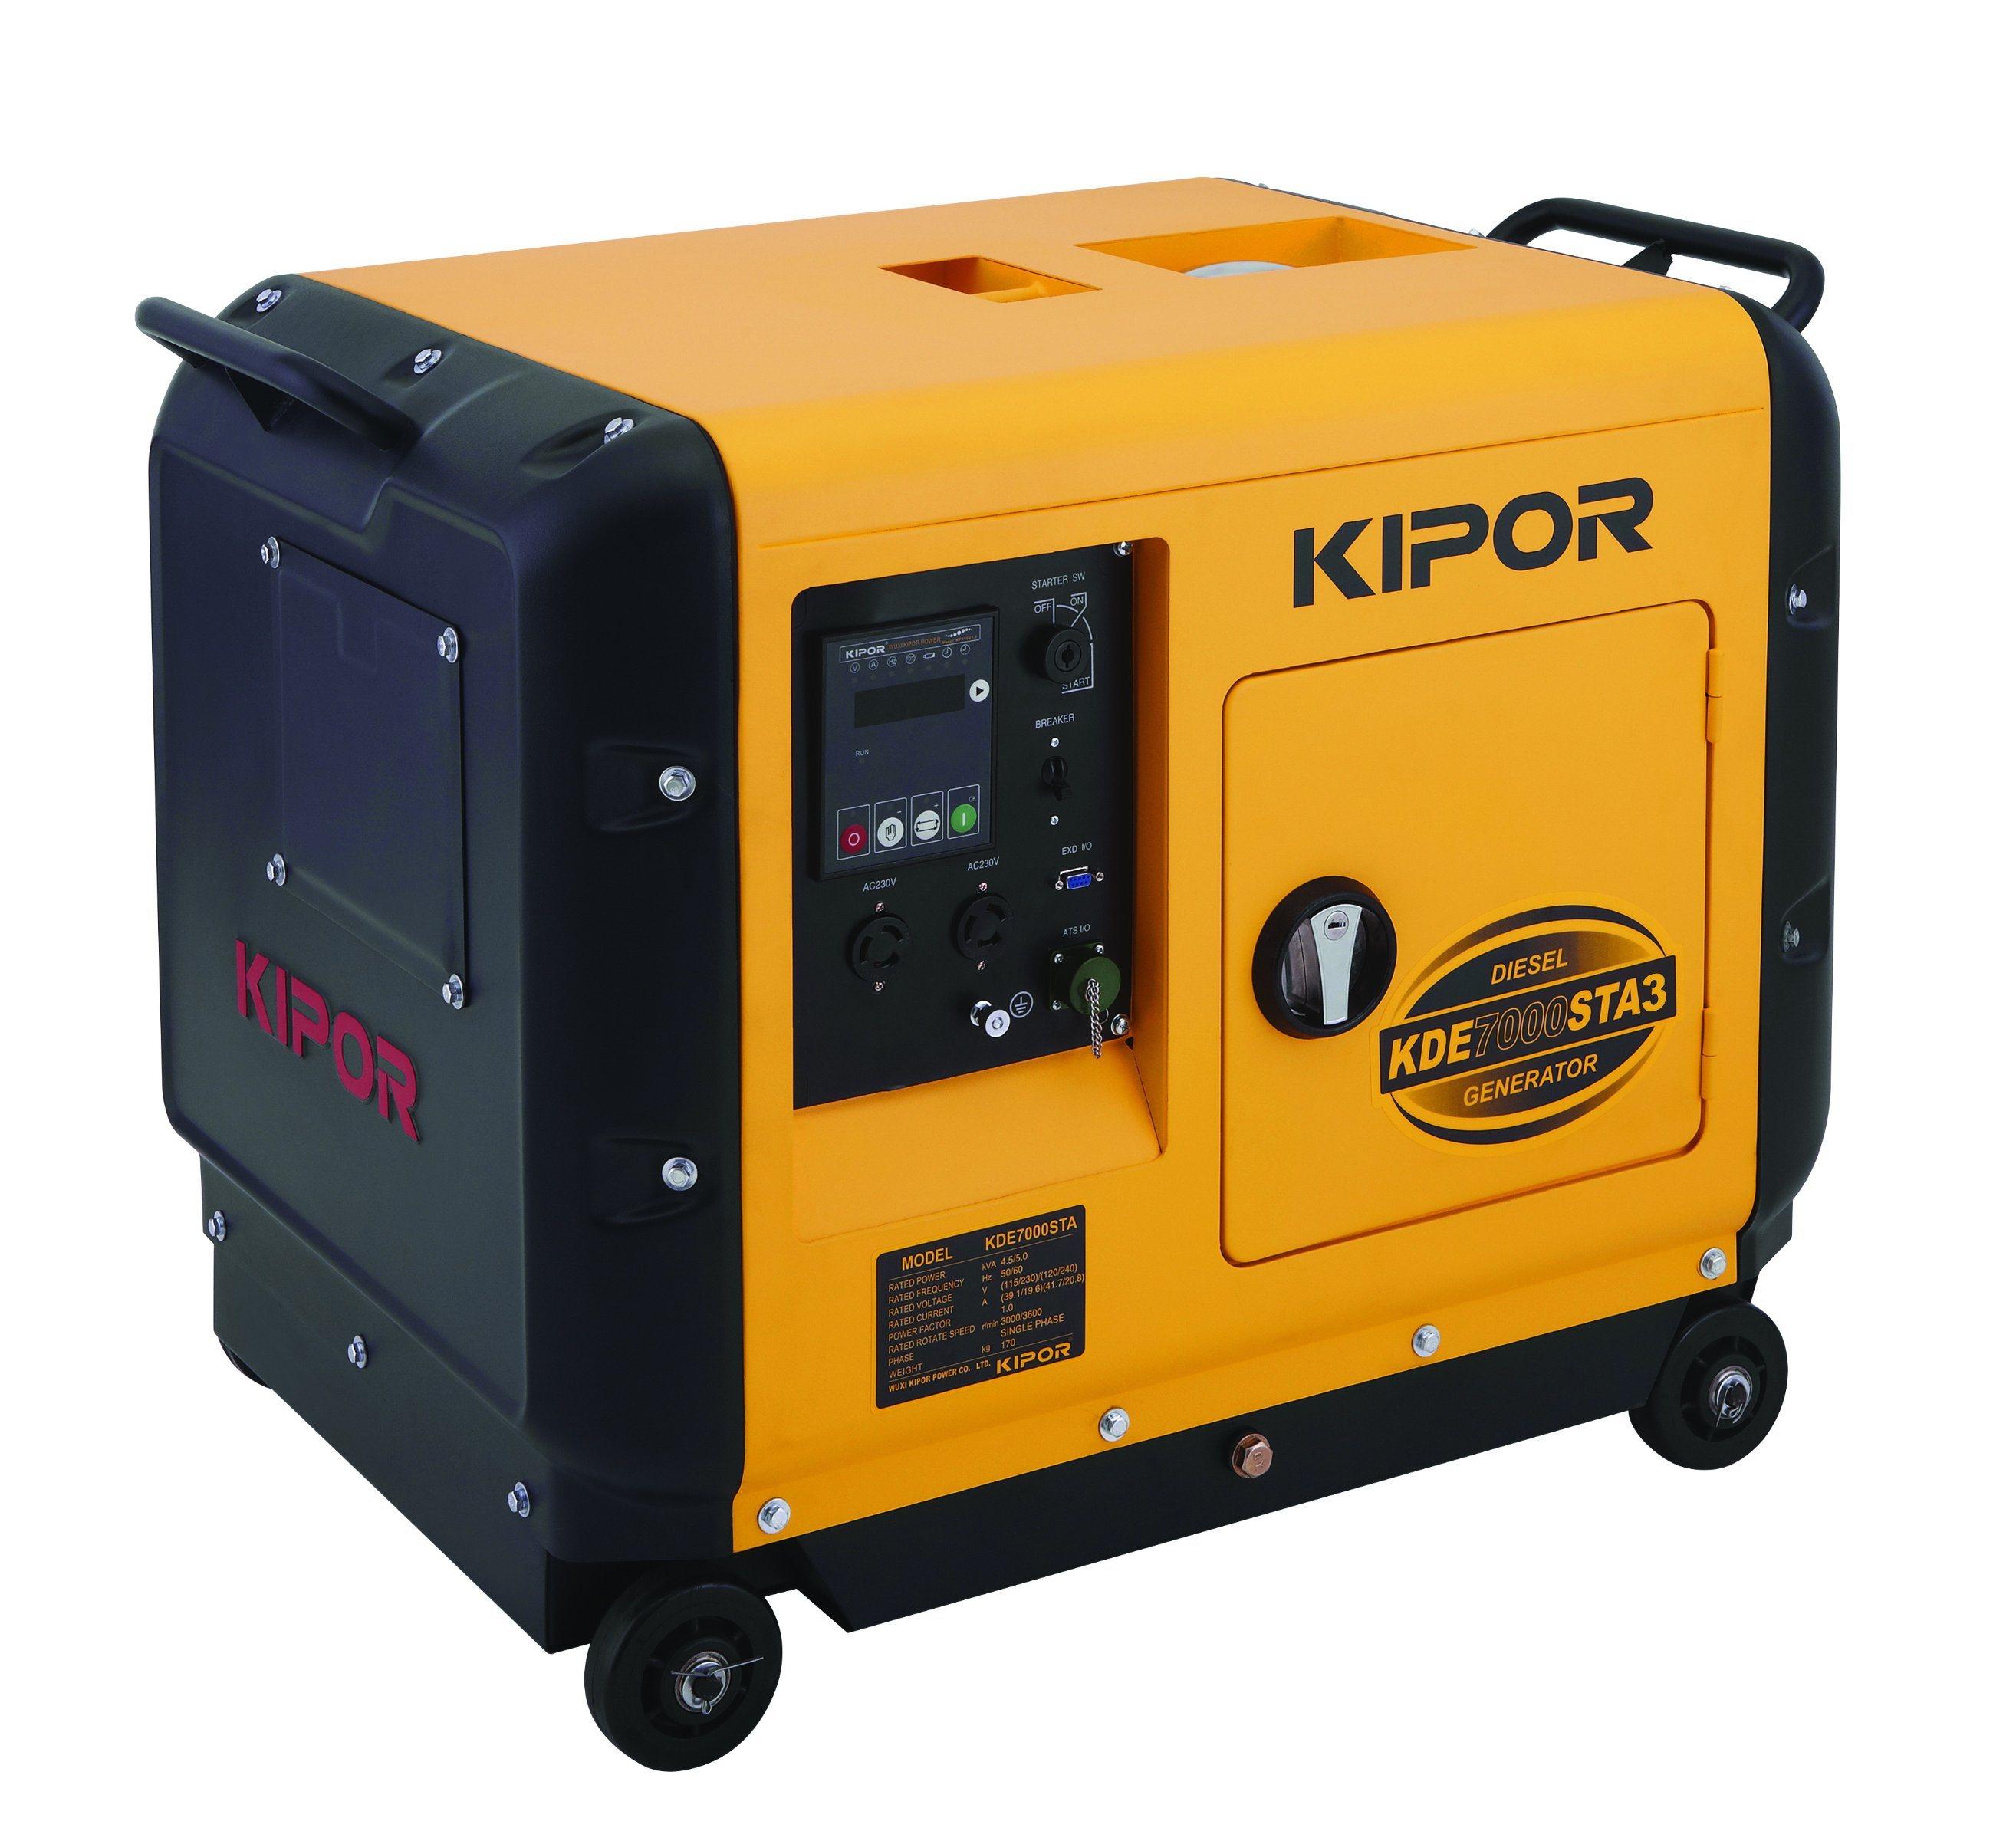 Kipor Super Silent Genset Diesel 6kVA Kde7000sta/Kde7000sta3